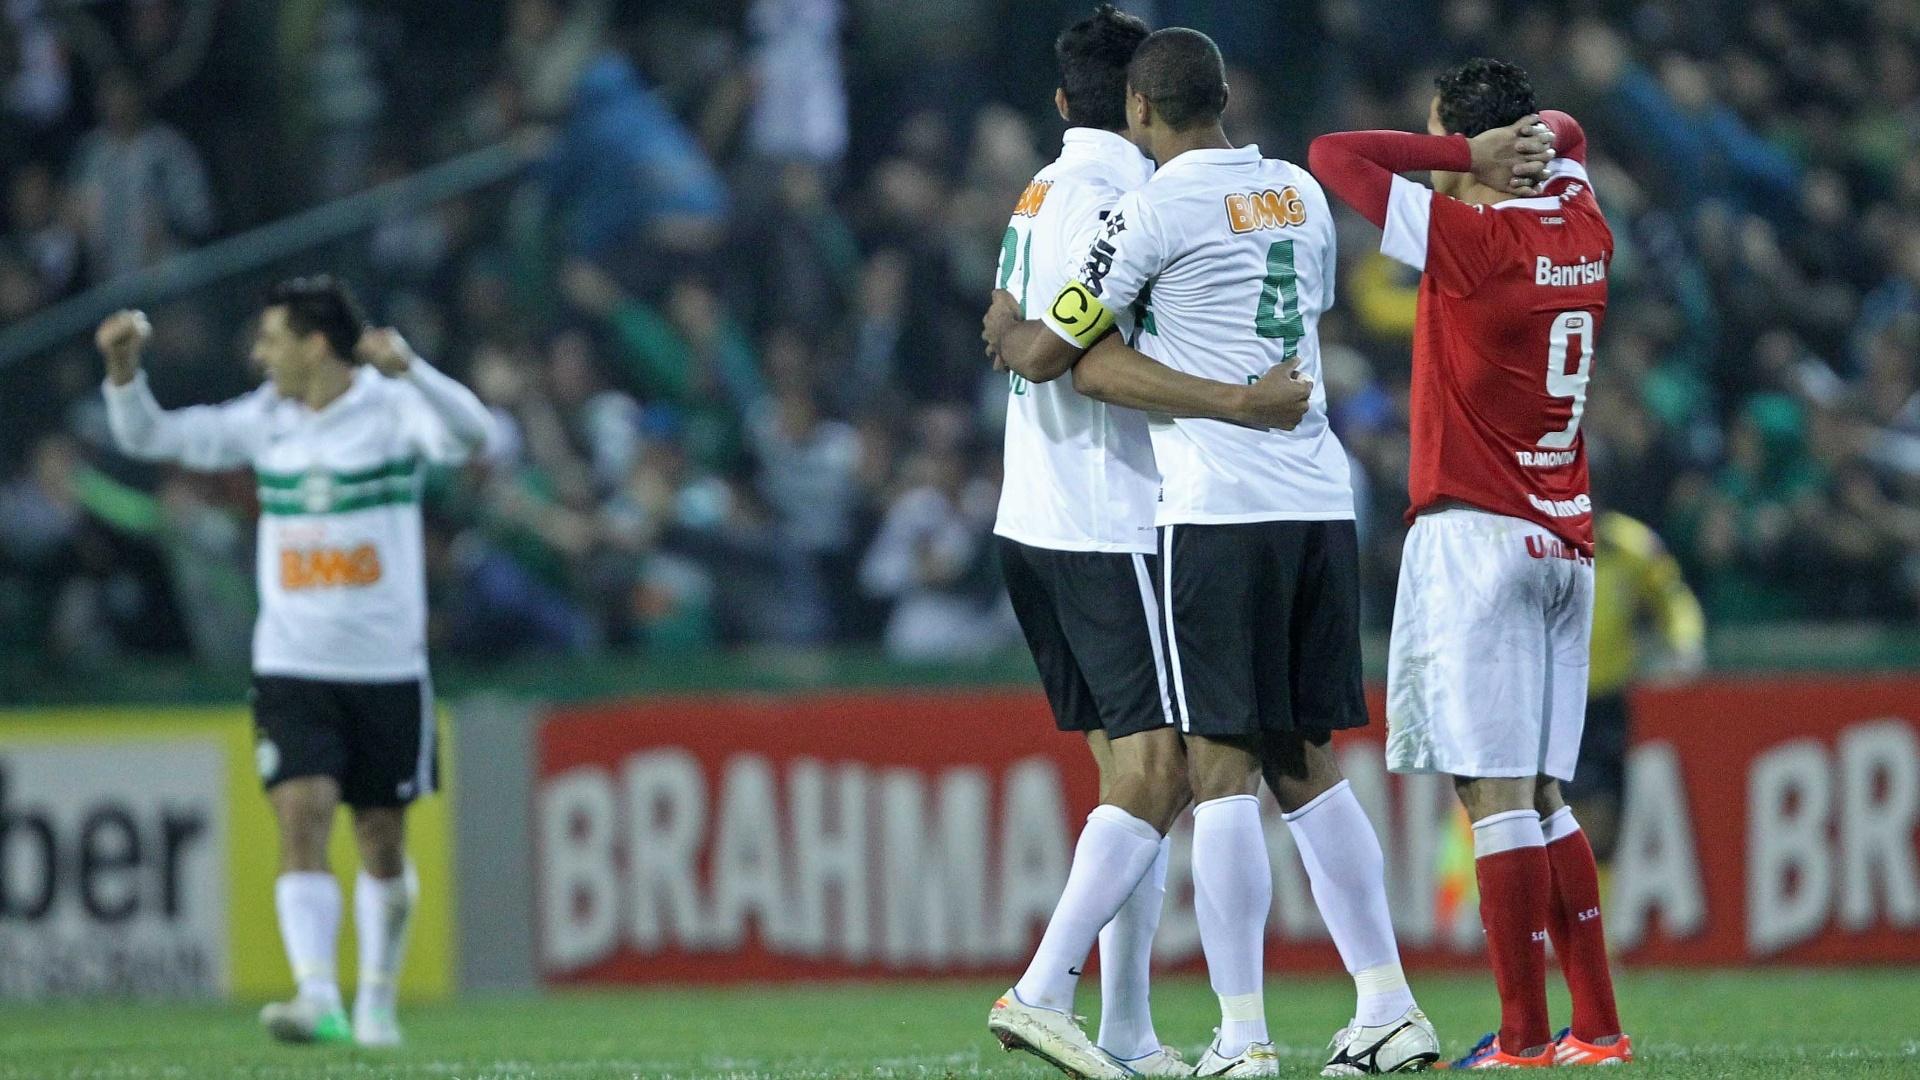 Jogadores do Coritiba comemoram gol da equipe no duelo contra o Internacional, no Couto Pereira